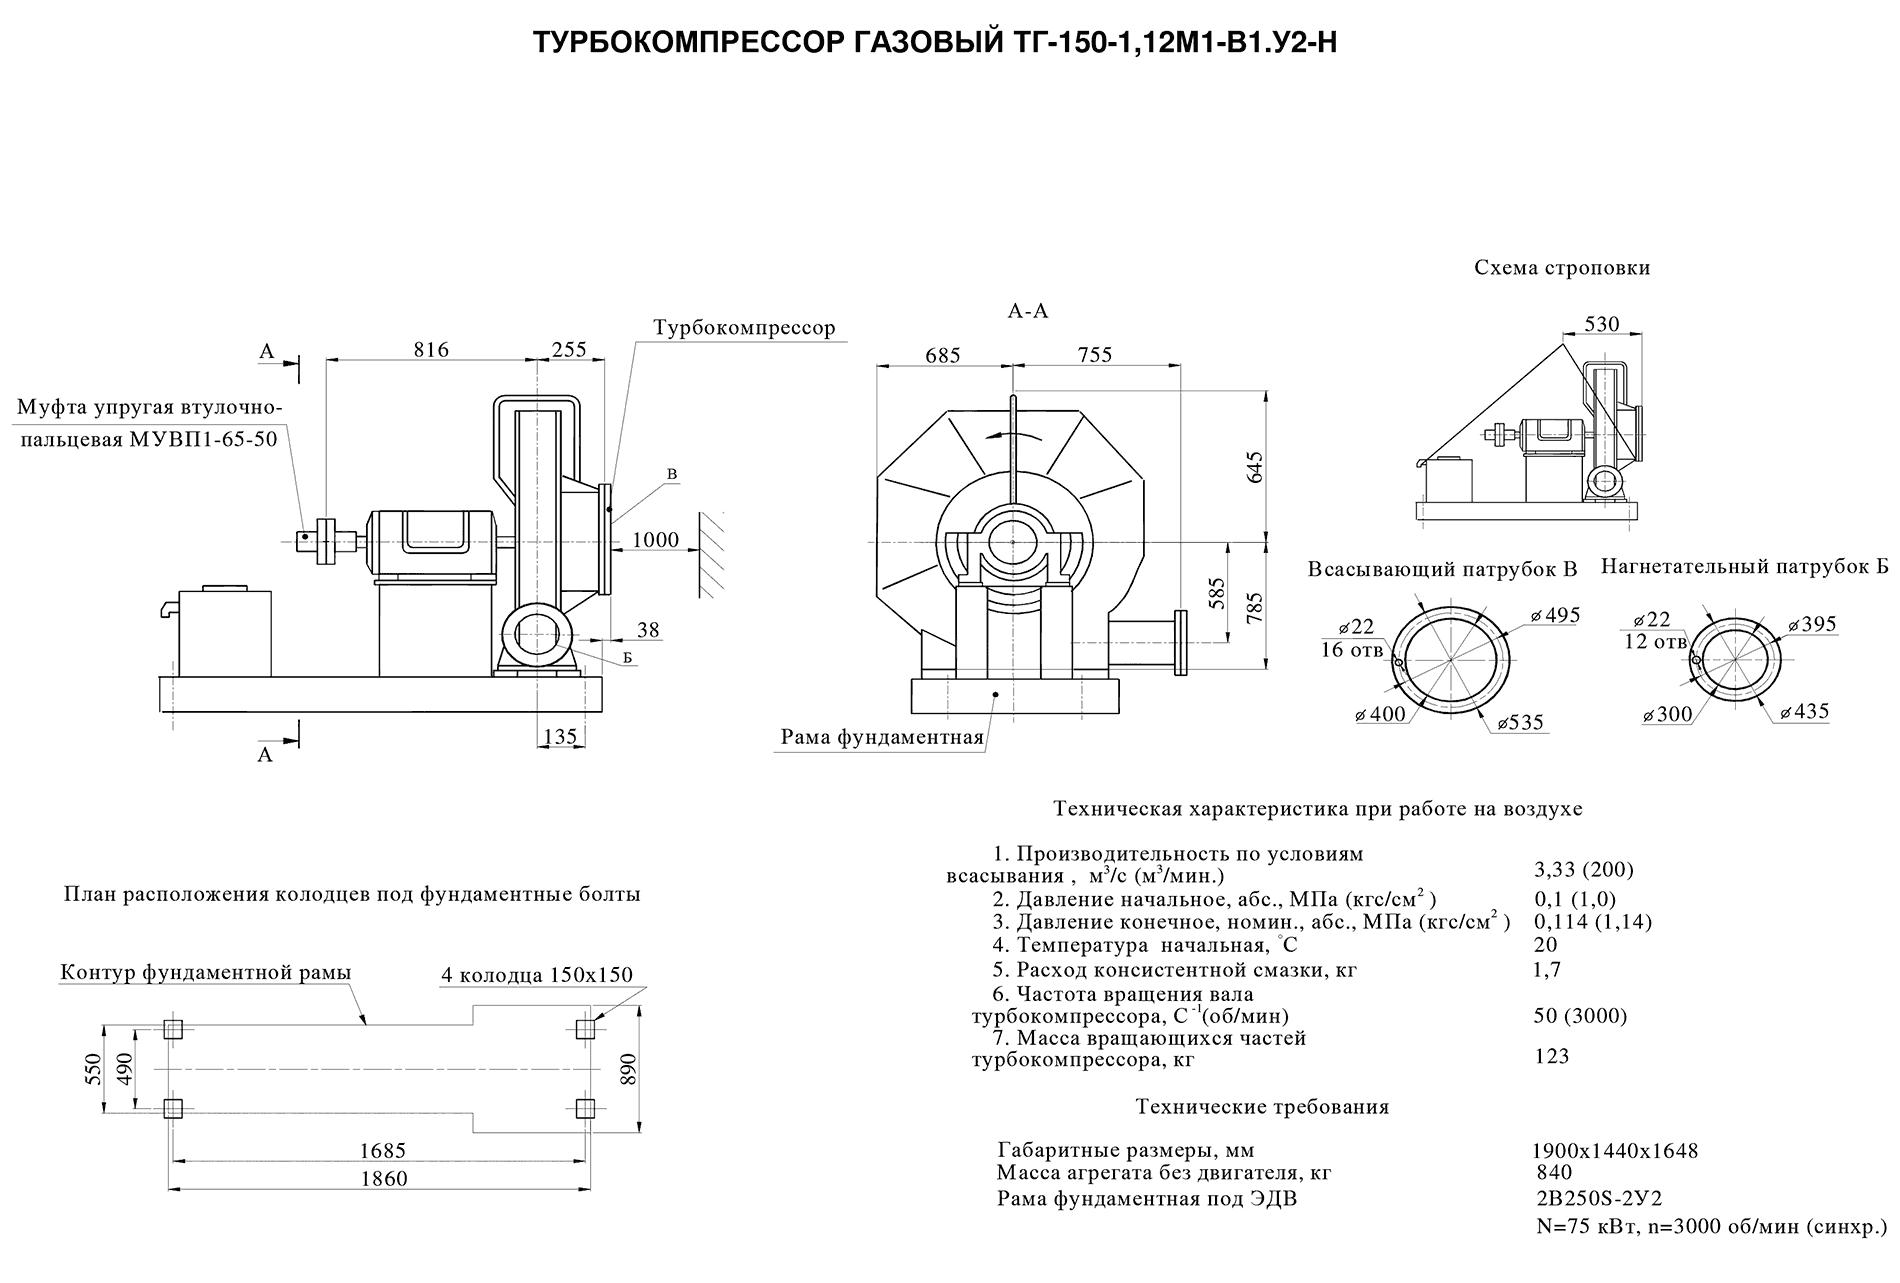 Турбокомпрессор одноступенчатый воздушный 3ТВ-150-1,12М1-01